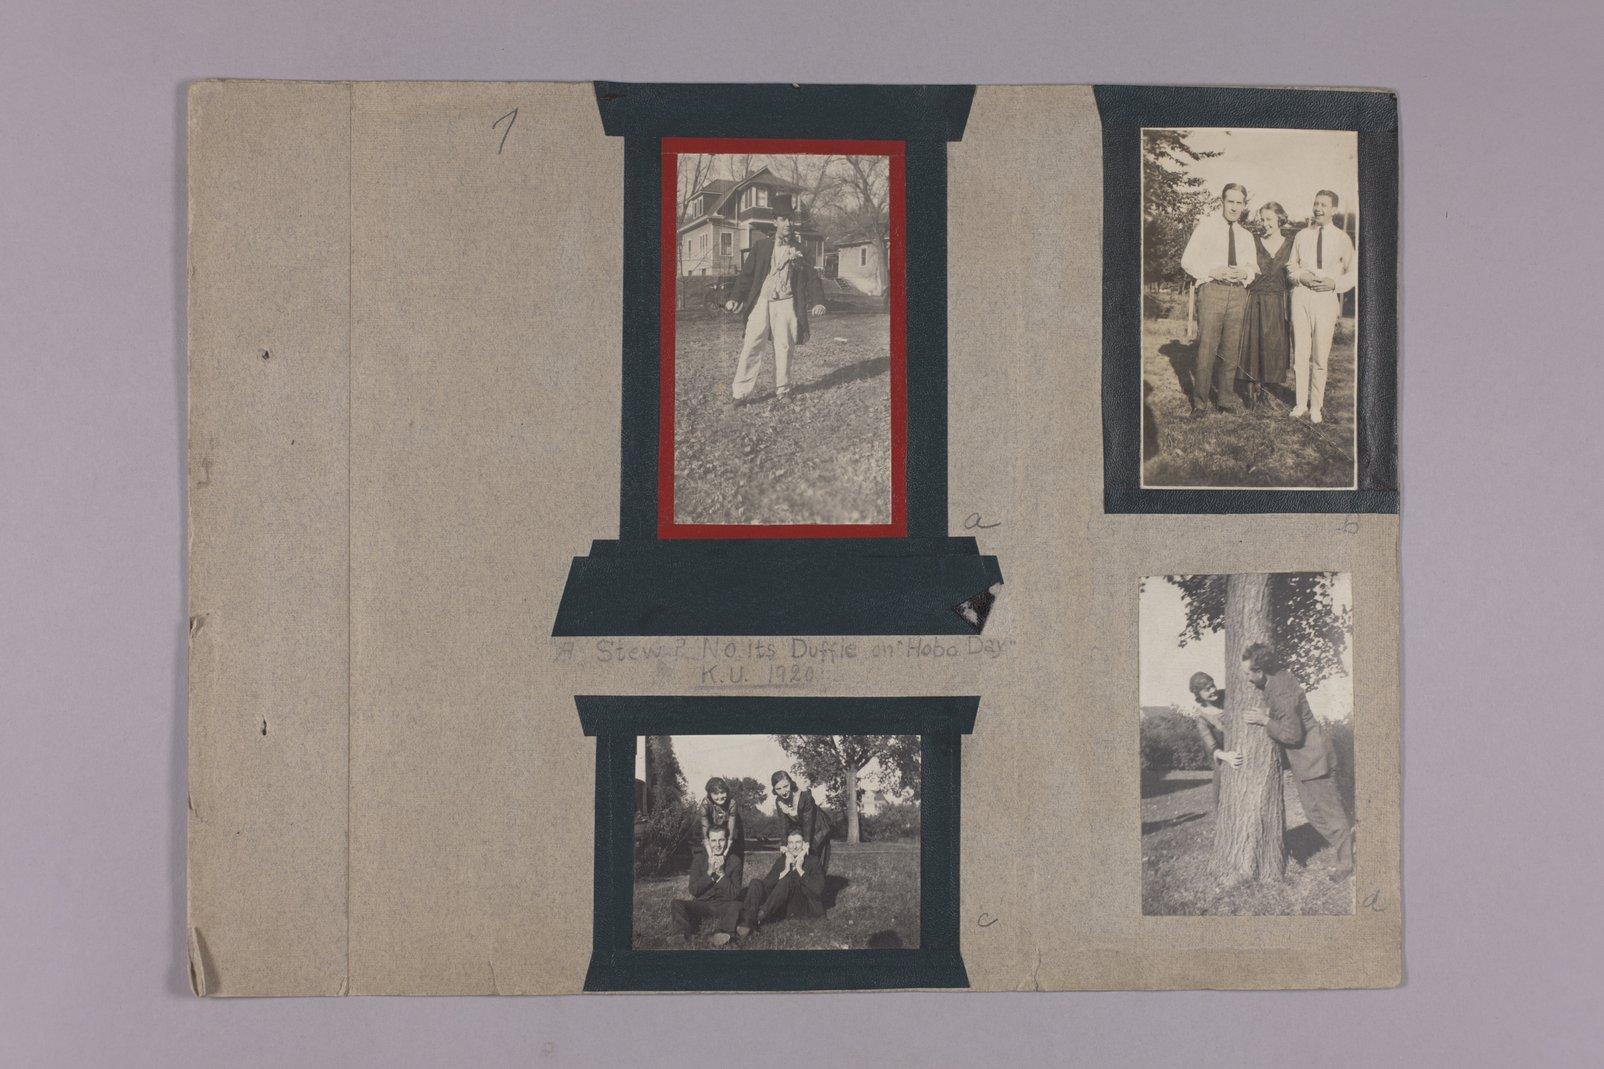 Martha Farnsworth scrapbook #4 - Photographs: Hobo Day @ KU 1920